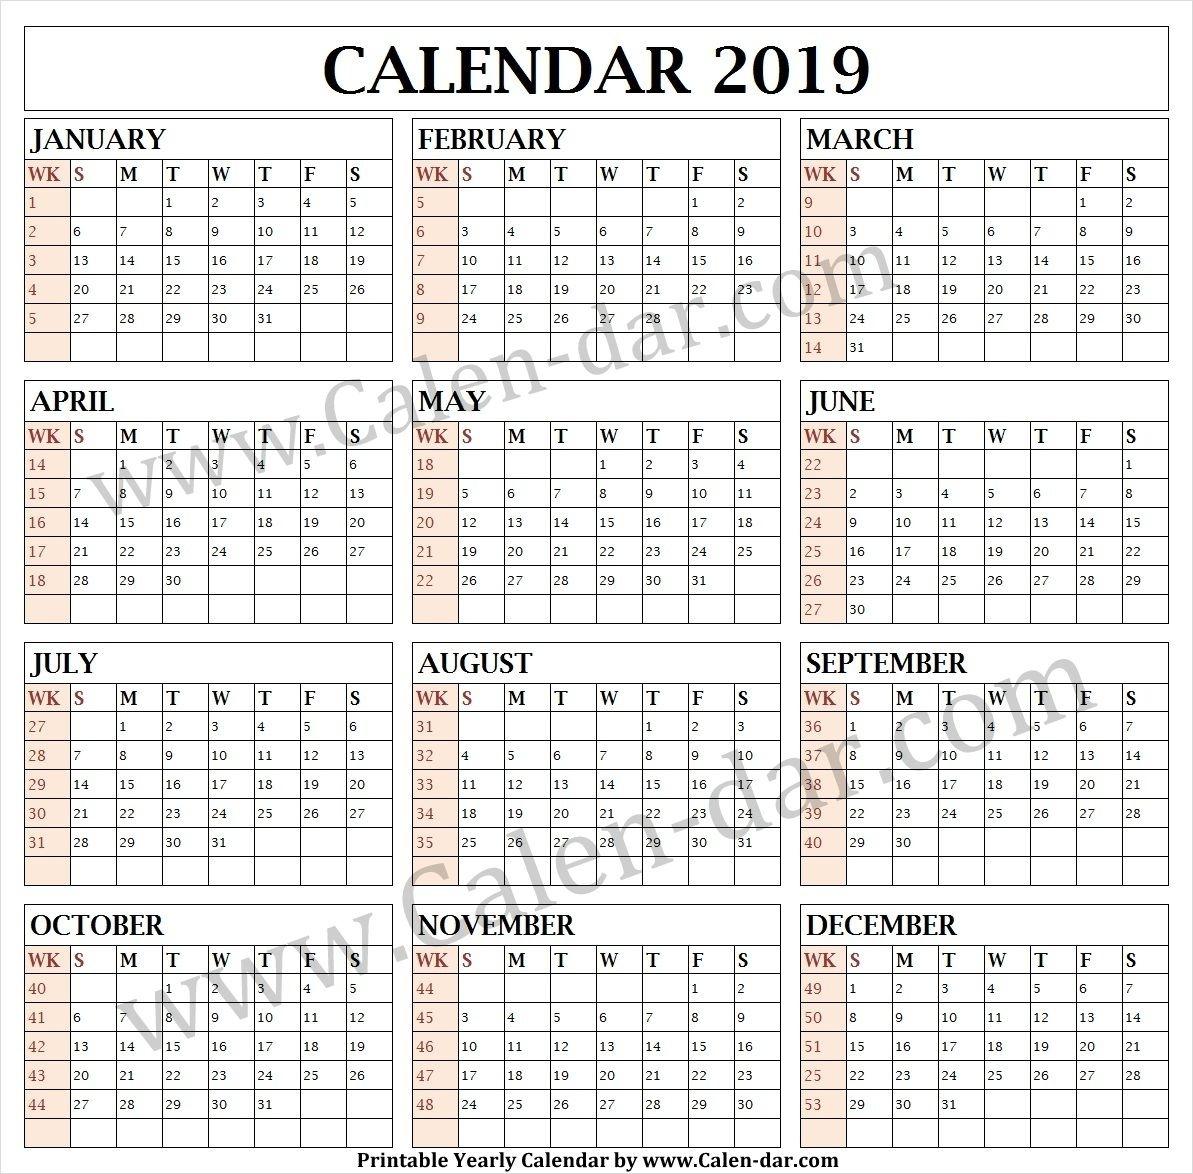 Calendar 2019 Week Wise | Calendar Printables, Print